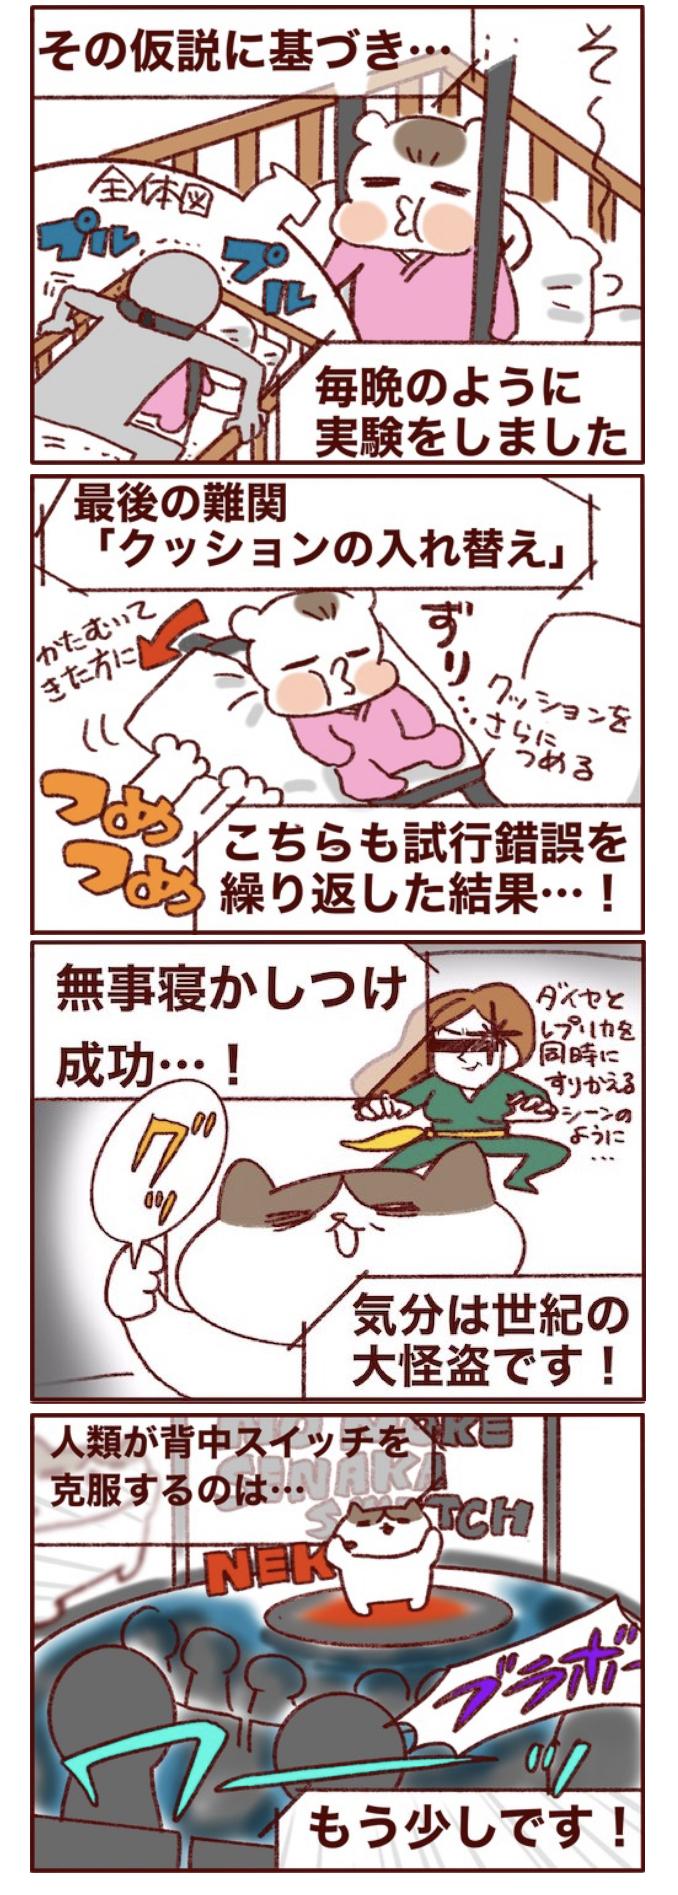 """赤ちゃんの「背中スイッチ」を押したくない!""""発想の転換""""でたどり着いた方法の画像2"""